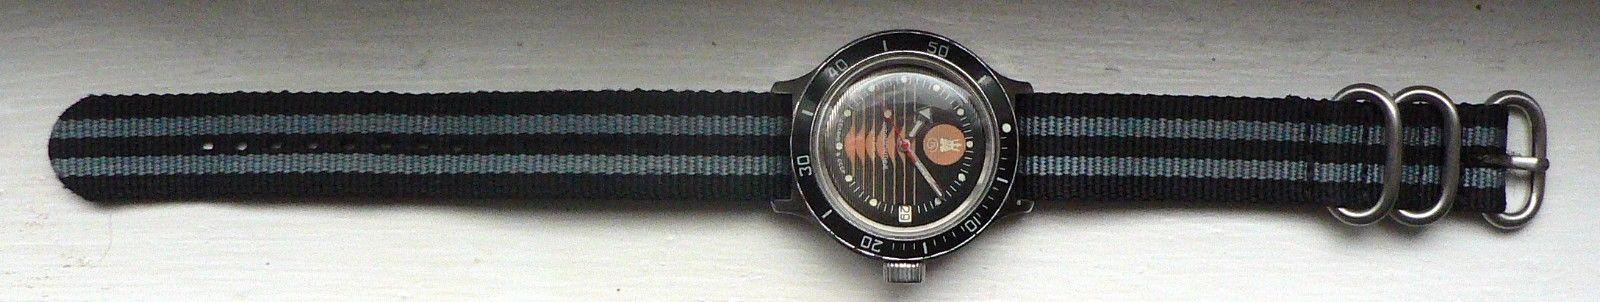 Vostok Neptune _57-1310